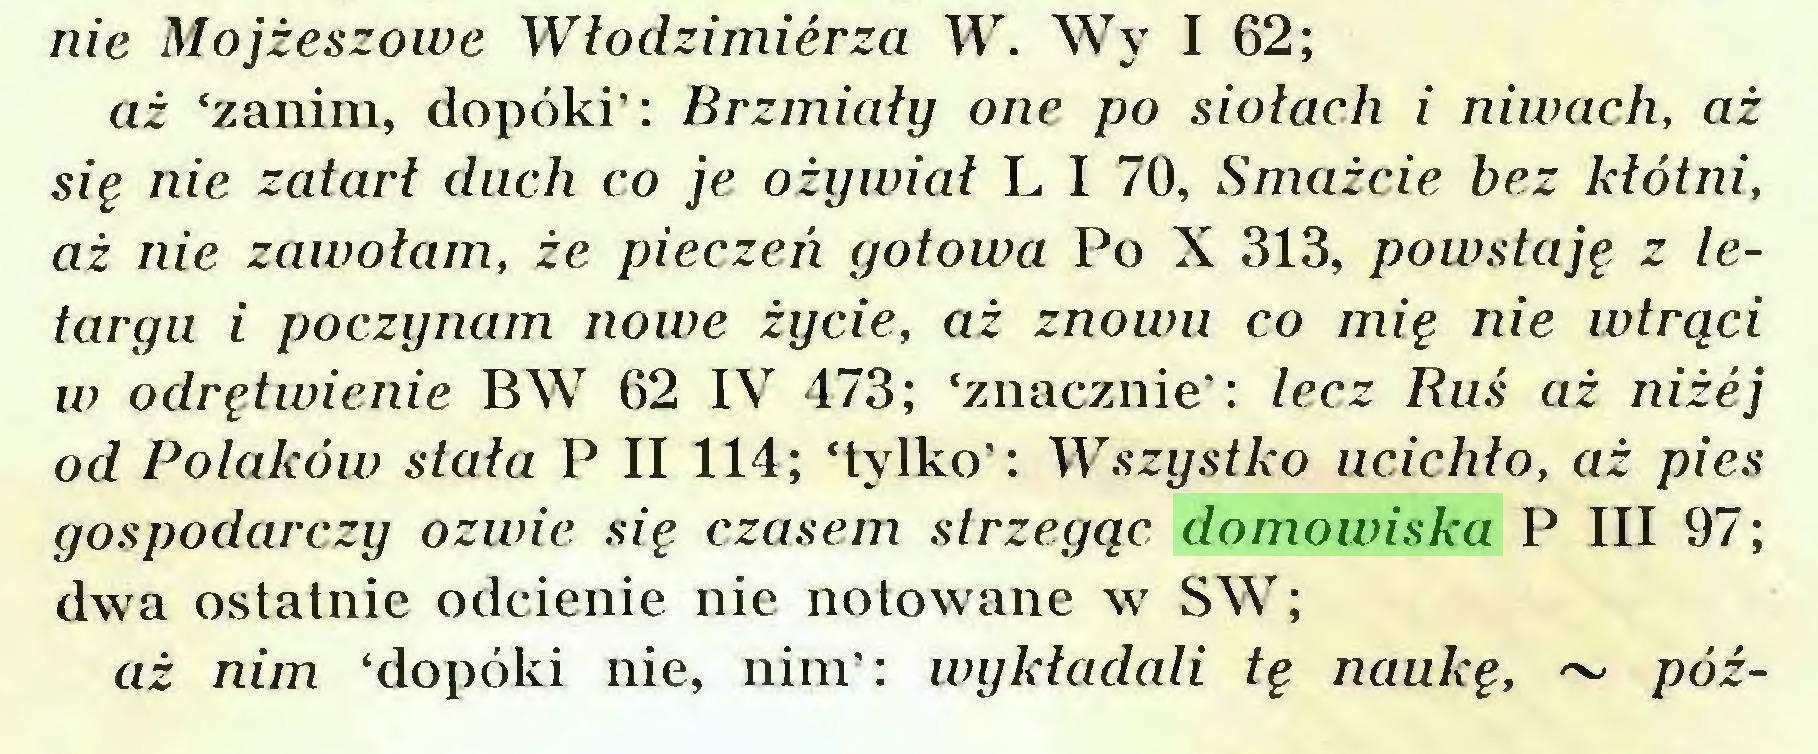 (...) nie Mojżeszowe Włodzimierza W. Wy I 62; aż 'zanim, dopóki': Brzmiały one po siołach i niwach, aż się nie zatarł duch co je ożywiał L I 70, Smażcie bez kłótni, aż nie zawołam, że pieczeń gotowa Po X 313, powstaję z letargu i poczynam nowe życie, aż znowu co mię nie wtrąci w odrętwienie BW 62 IV 473; 'znacznie': lecz Ruś aż niżej od Polaków stała P II 114; 'tylko': Wszystko ucichło, aż pies gospodarczy ozwie się czasem strzegąc domowiska P III 97; dwa ostatnie odcienie nie notowane w SW; aż nim 'dopóki nie, nim': wykładali tę naukę, ~ póź...